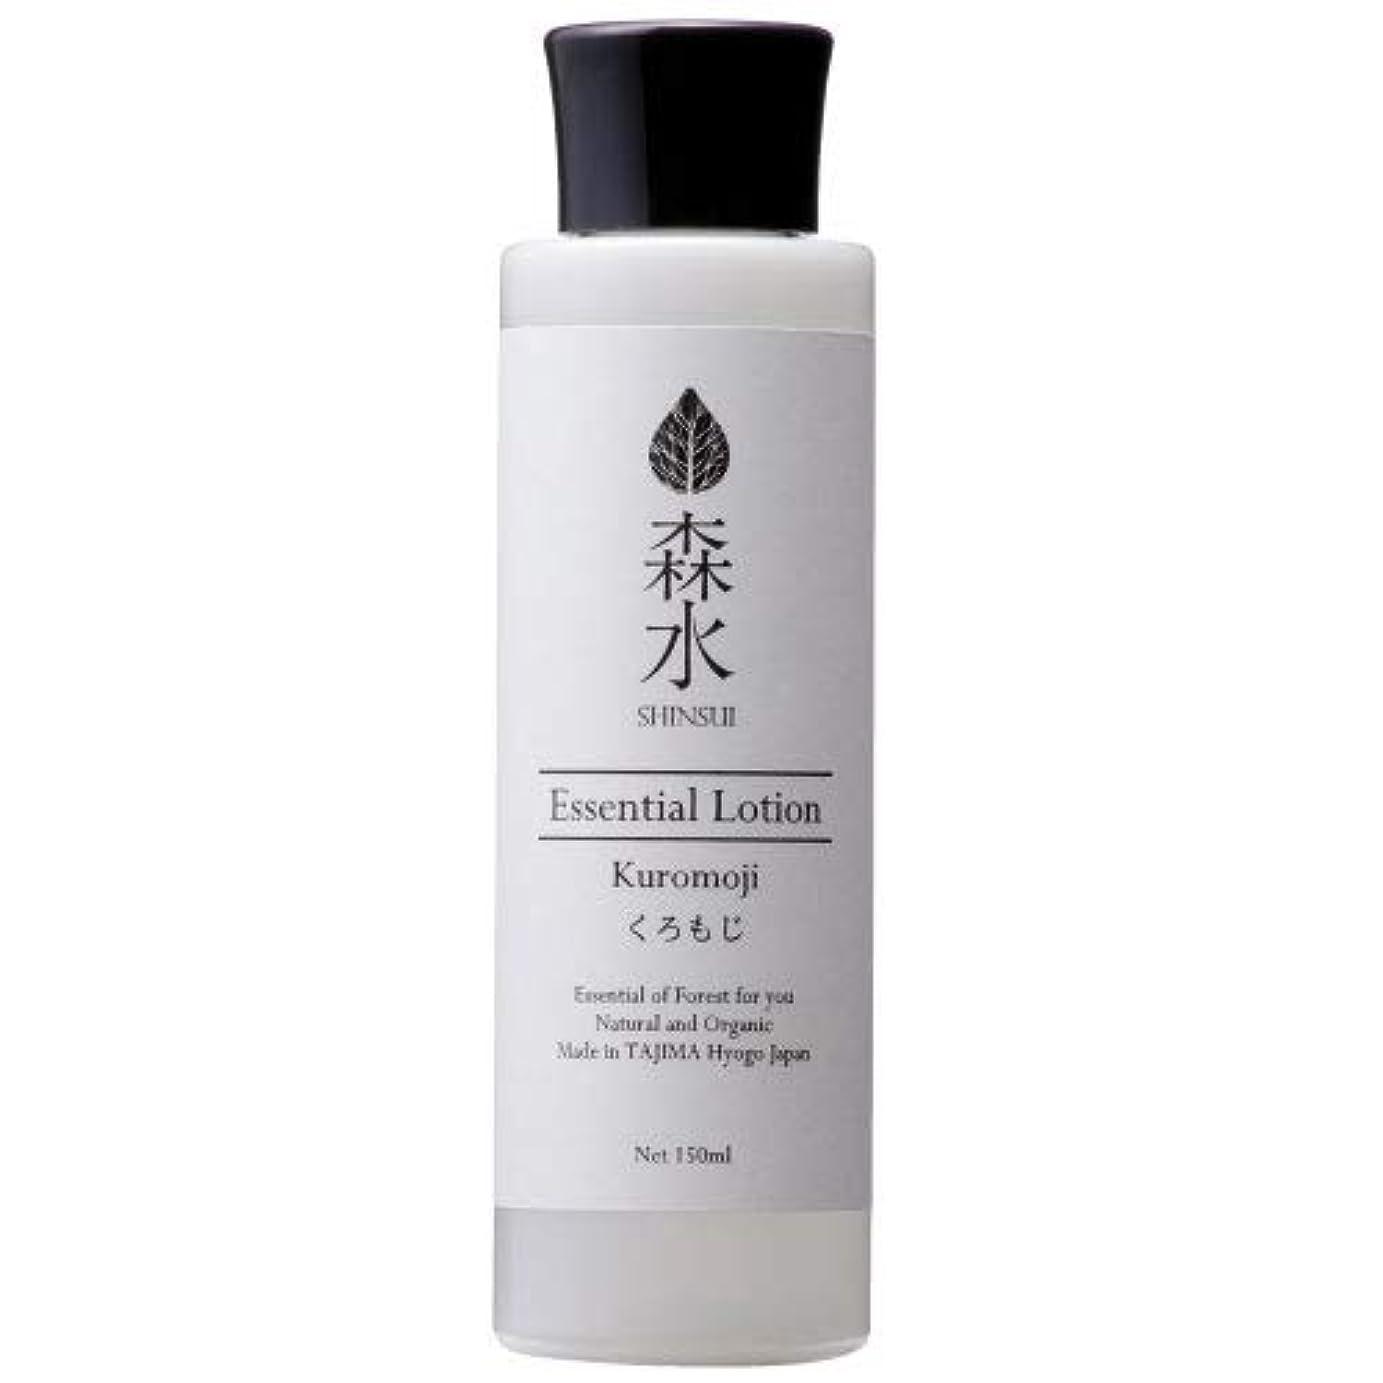 定規ルーキーシダ森水-SHINSUI シンスイ-くろもじ化粧水(Kuromoji Essential Lotion)150ml